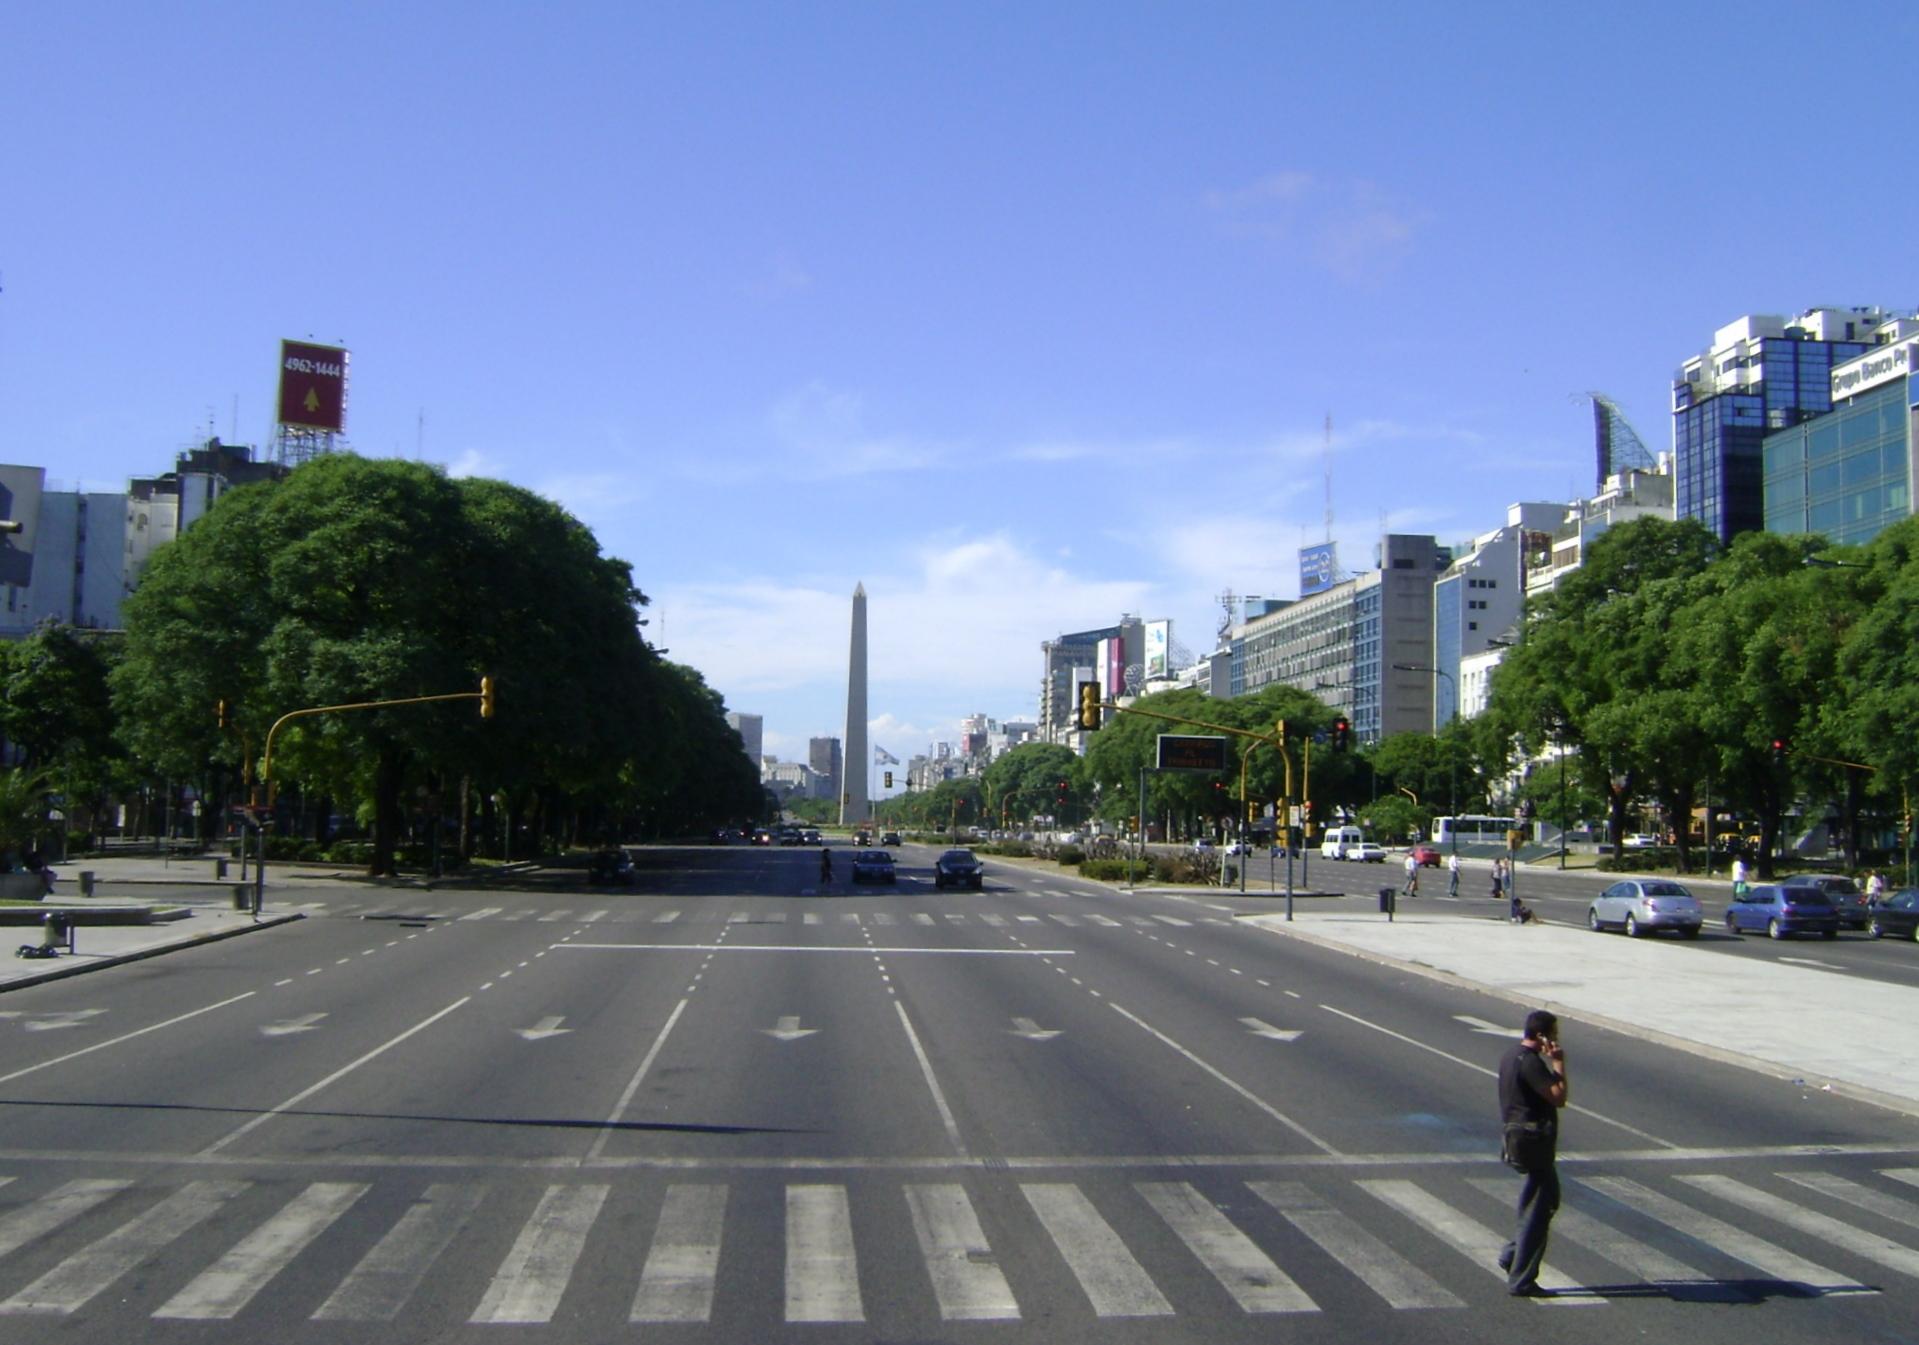 Av. 9 de julio,a mais larga do mundo, em Buenos Aires